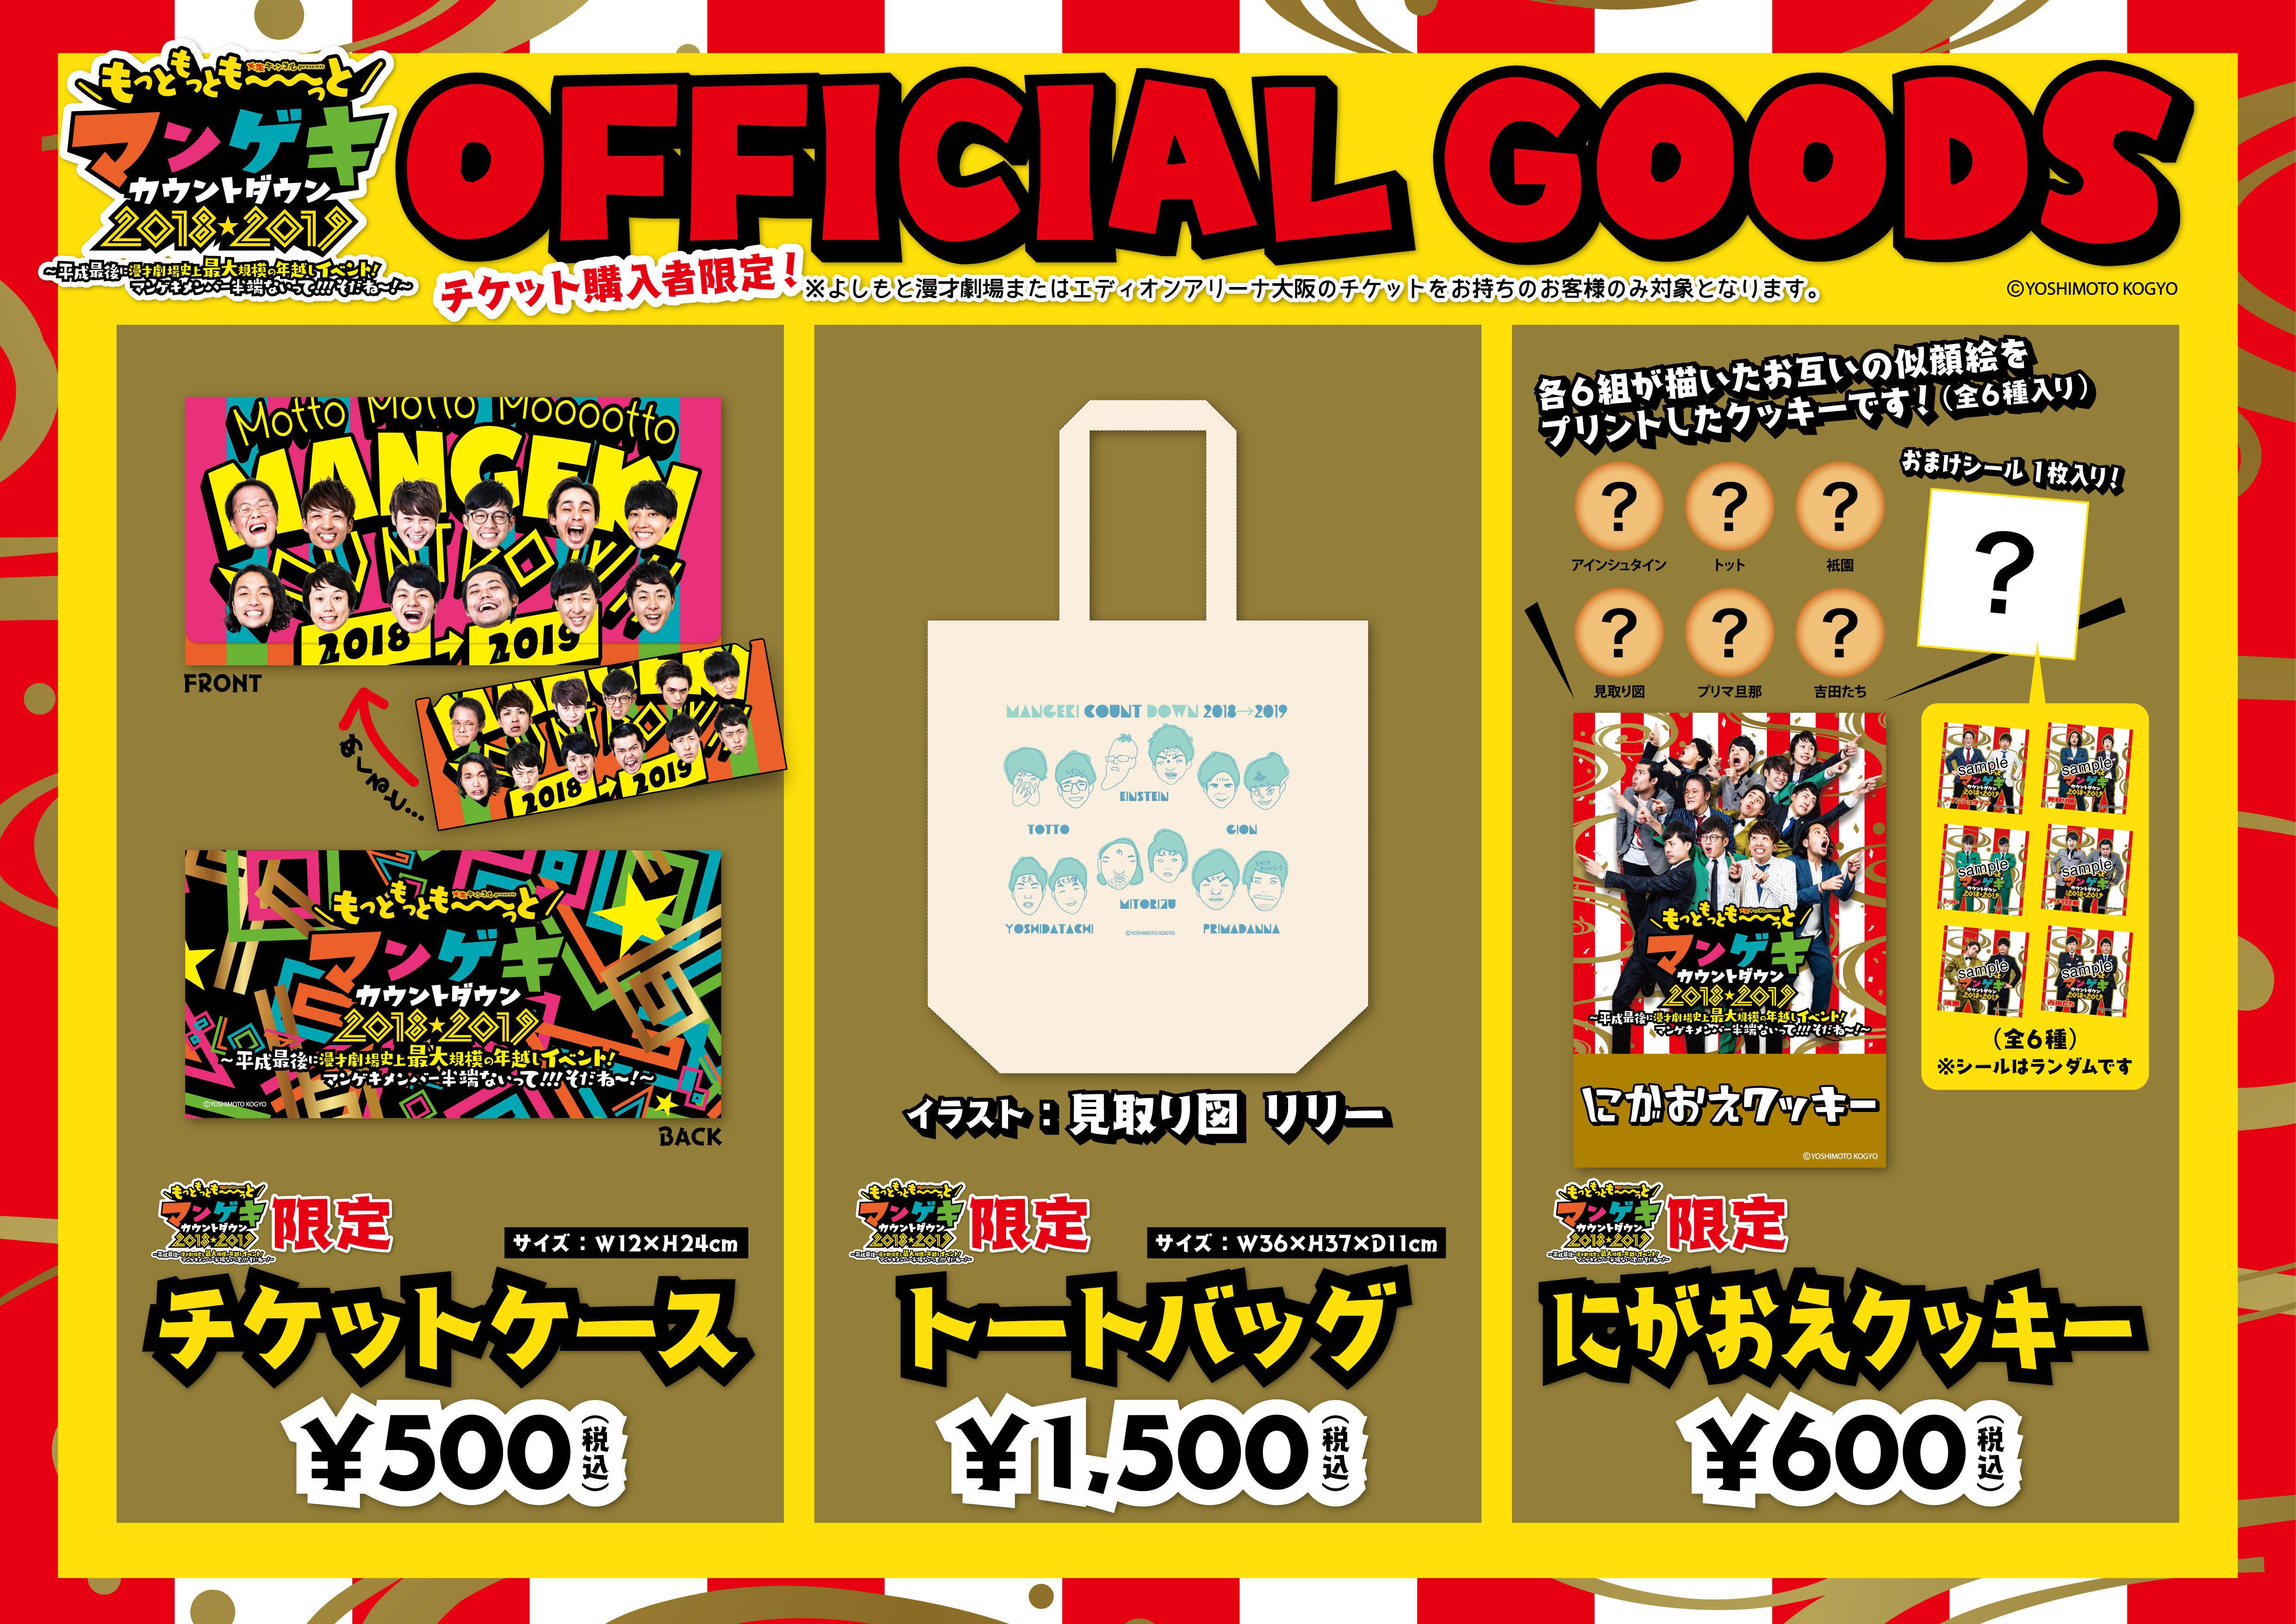 http://news.yoshimoto.co.jp/20181228135726-143a32fde57ab3819d4ab5012efdb82f11f057df.jpg